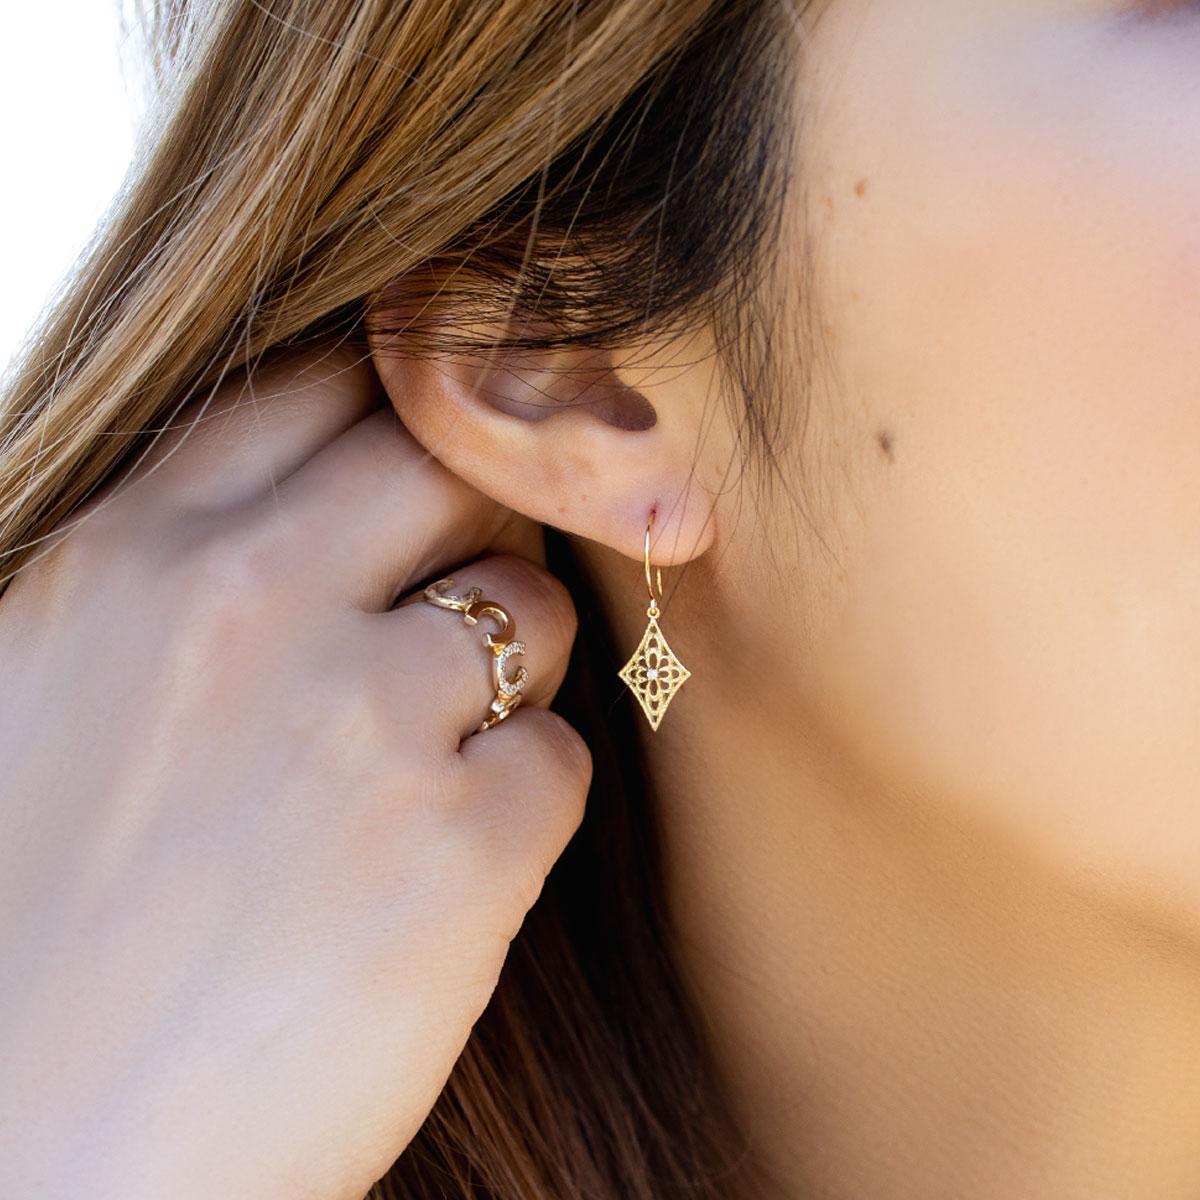 リング 指輪 ハワイアンジュエリー レディース 女性 ホースシュー ダイヤモンド パヴェ 馬蹄 蹄 スクロール ゴールドリング K10 ゴールド 10金 イエロー ari1456